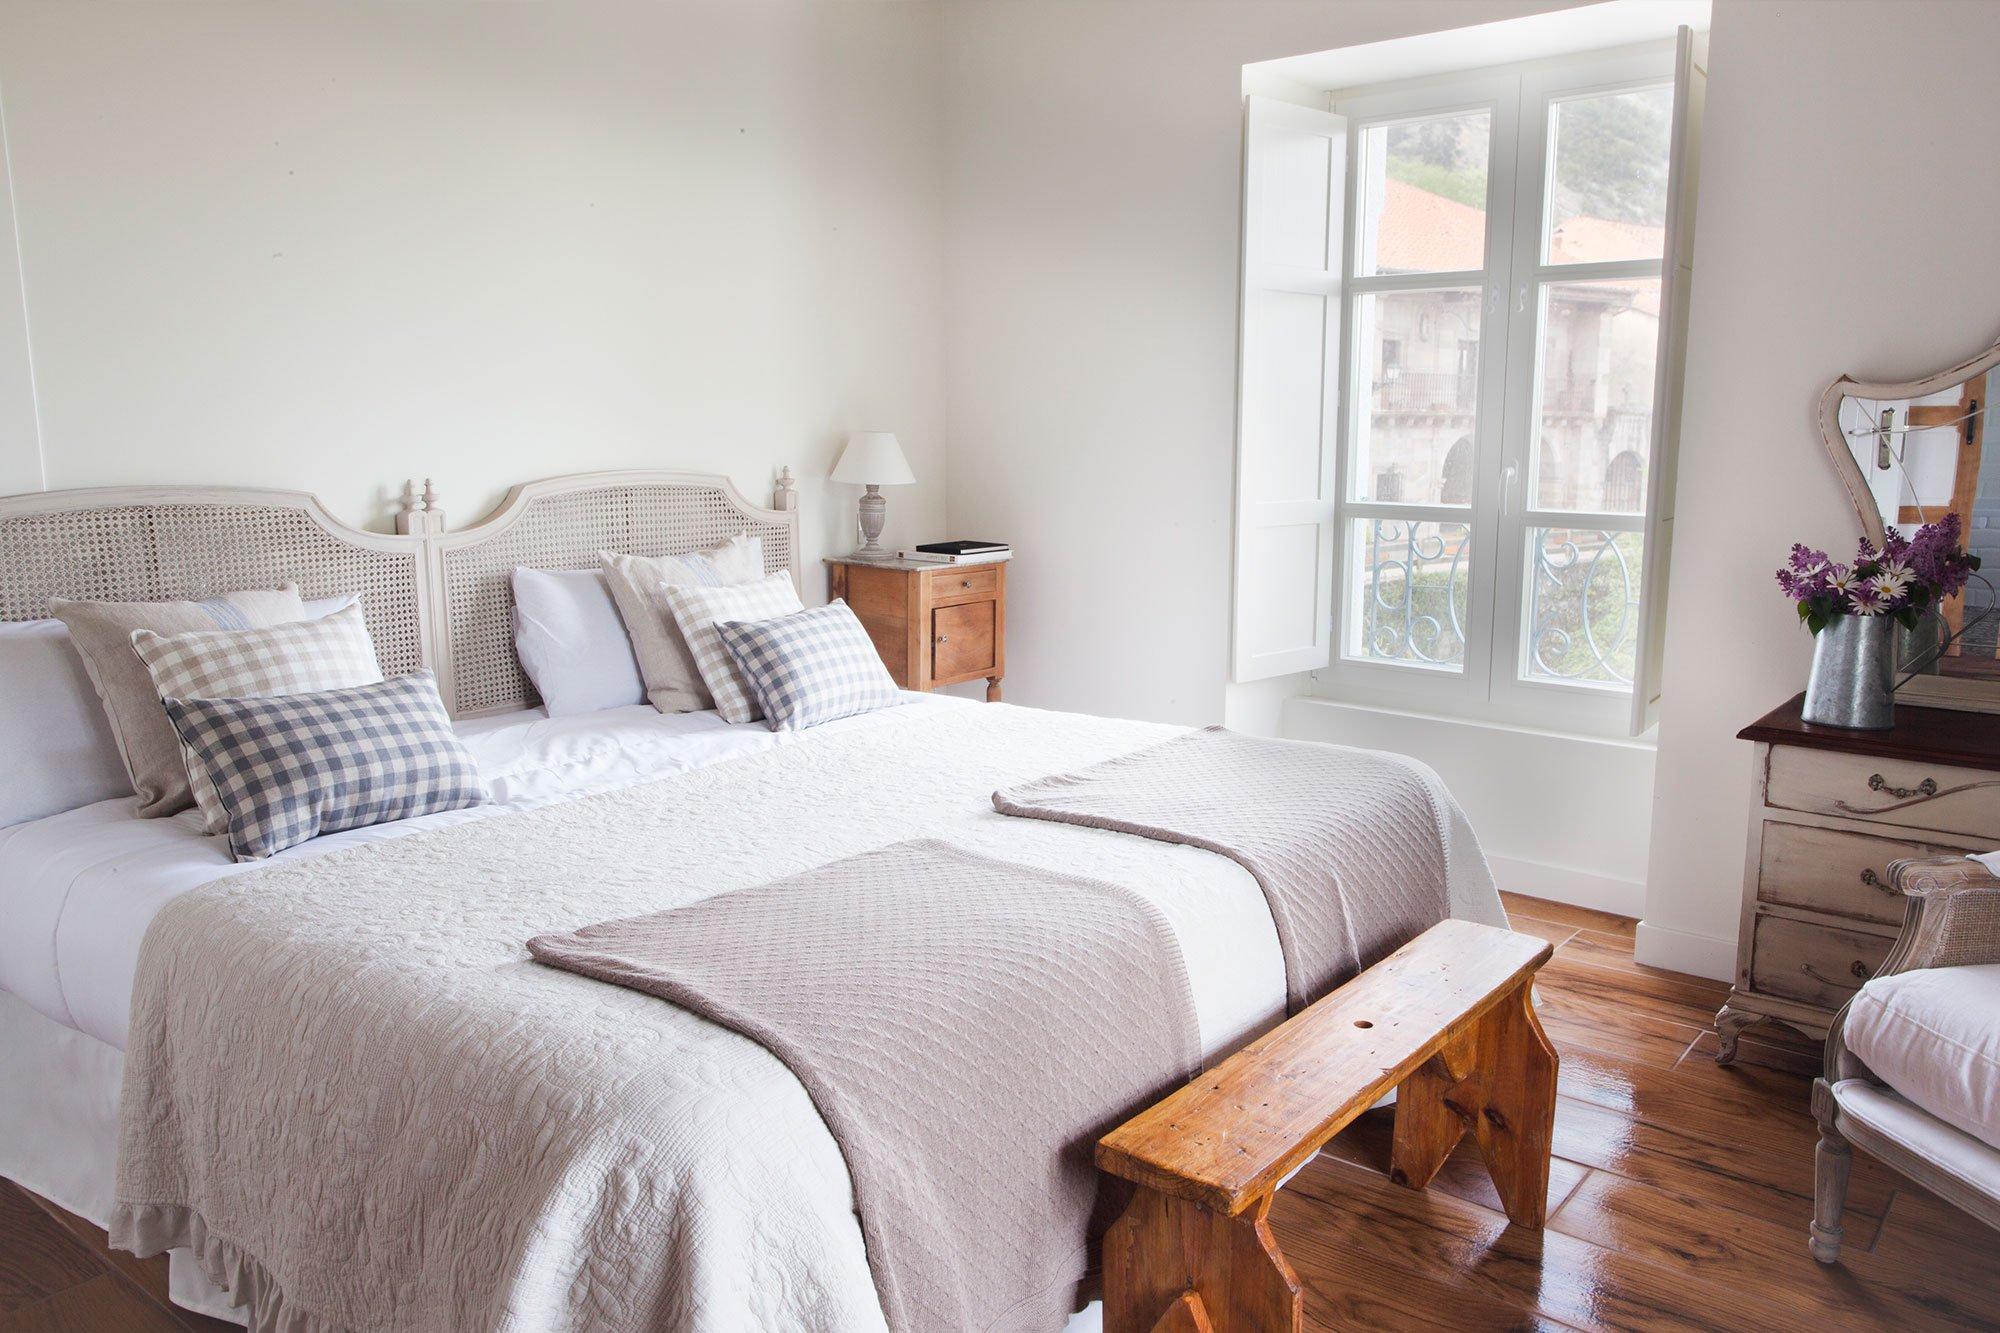 Dorrmir en los mejores hoteles de Cantabria